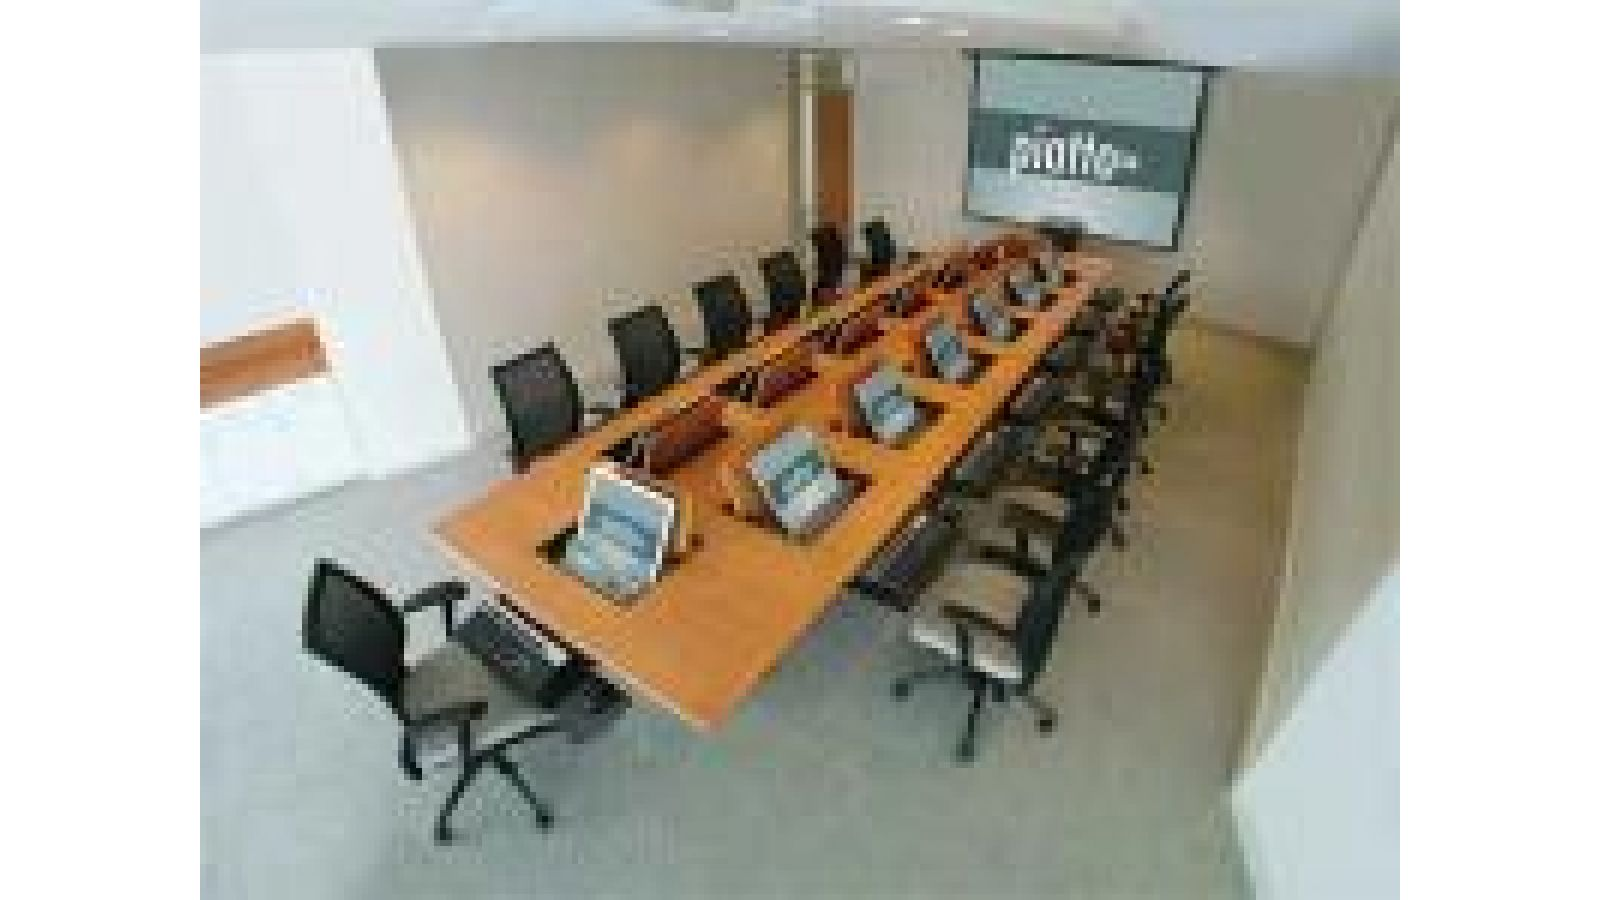 Piatto¢â€ž¢ Computer Conference Tables